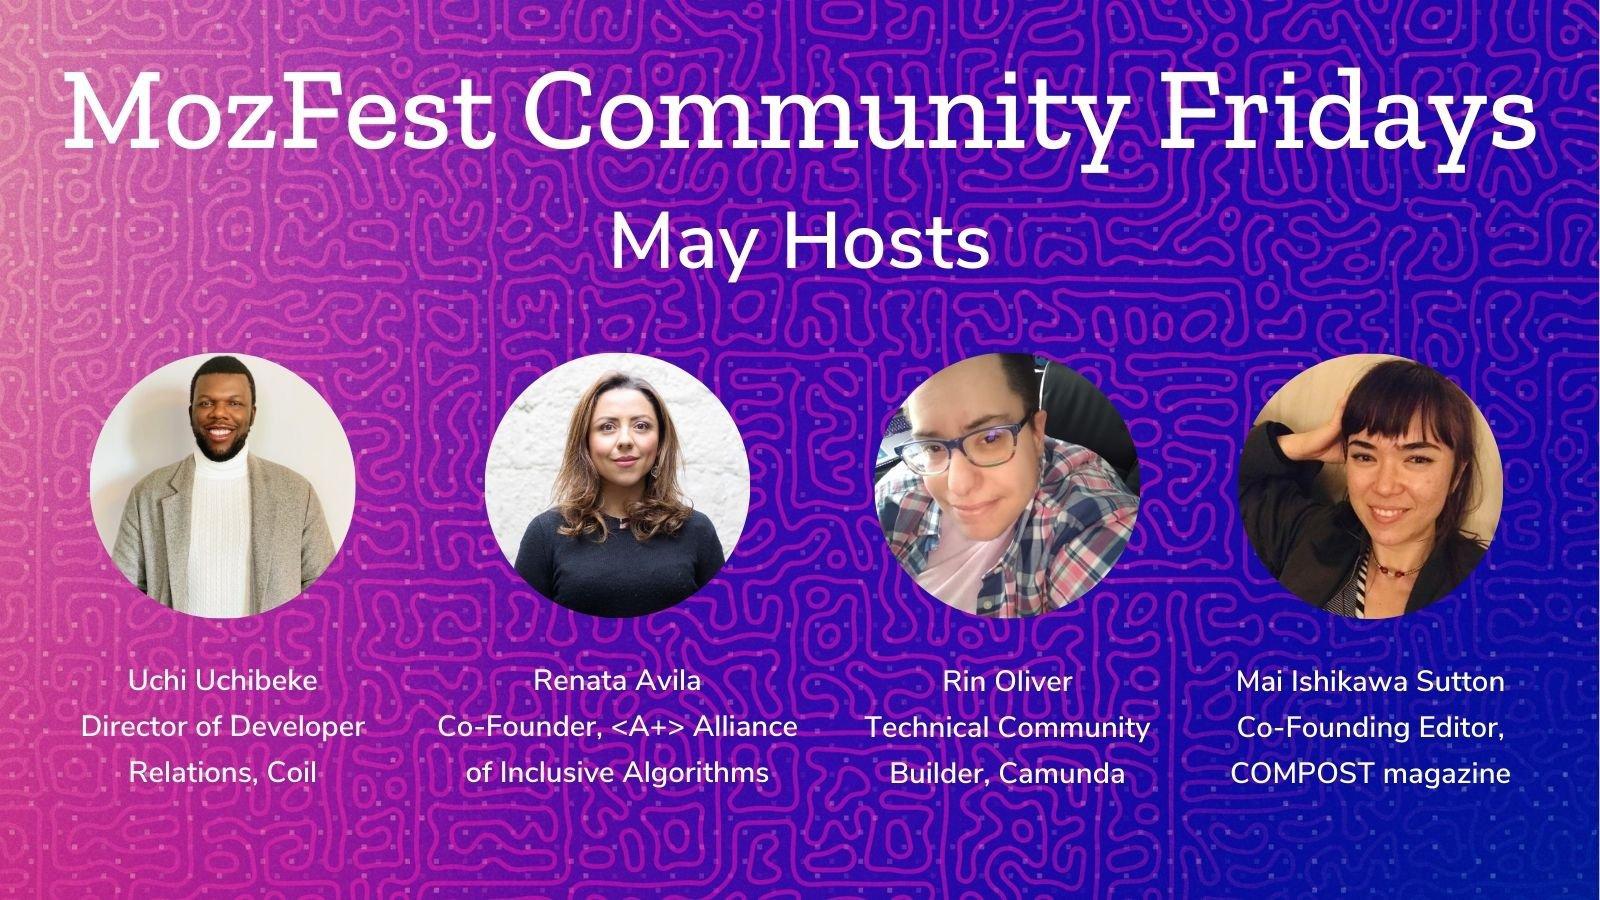 Purple and pink graphic with four headshots and white text: MozFest Community Fridays May Hosts | Uchi Uchibeke, Renata Avila, Rin Oliver, and Mai Ishiwaka Sutton